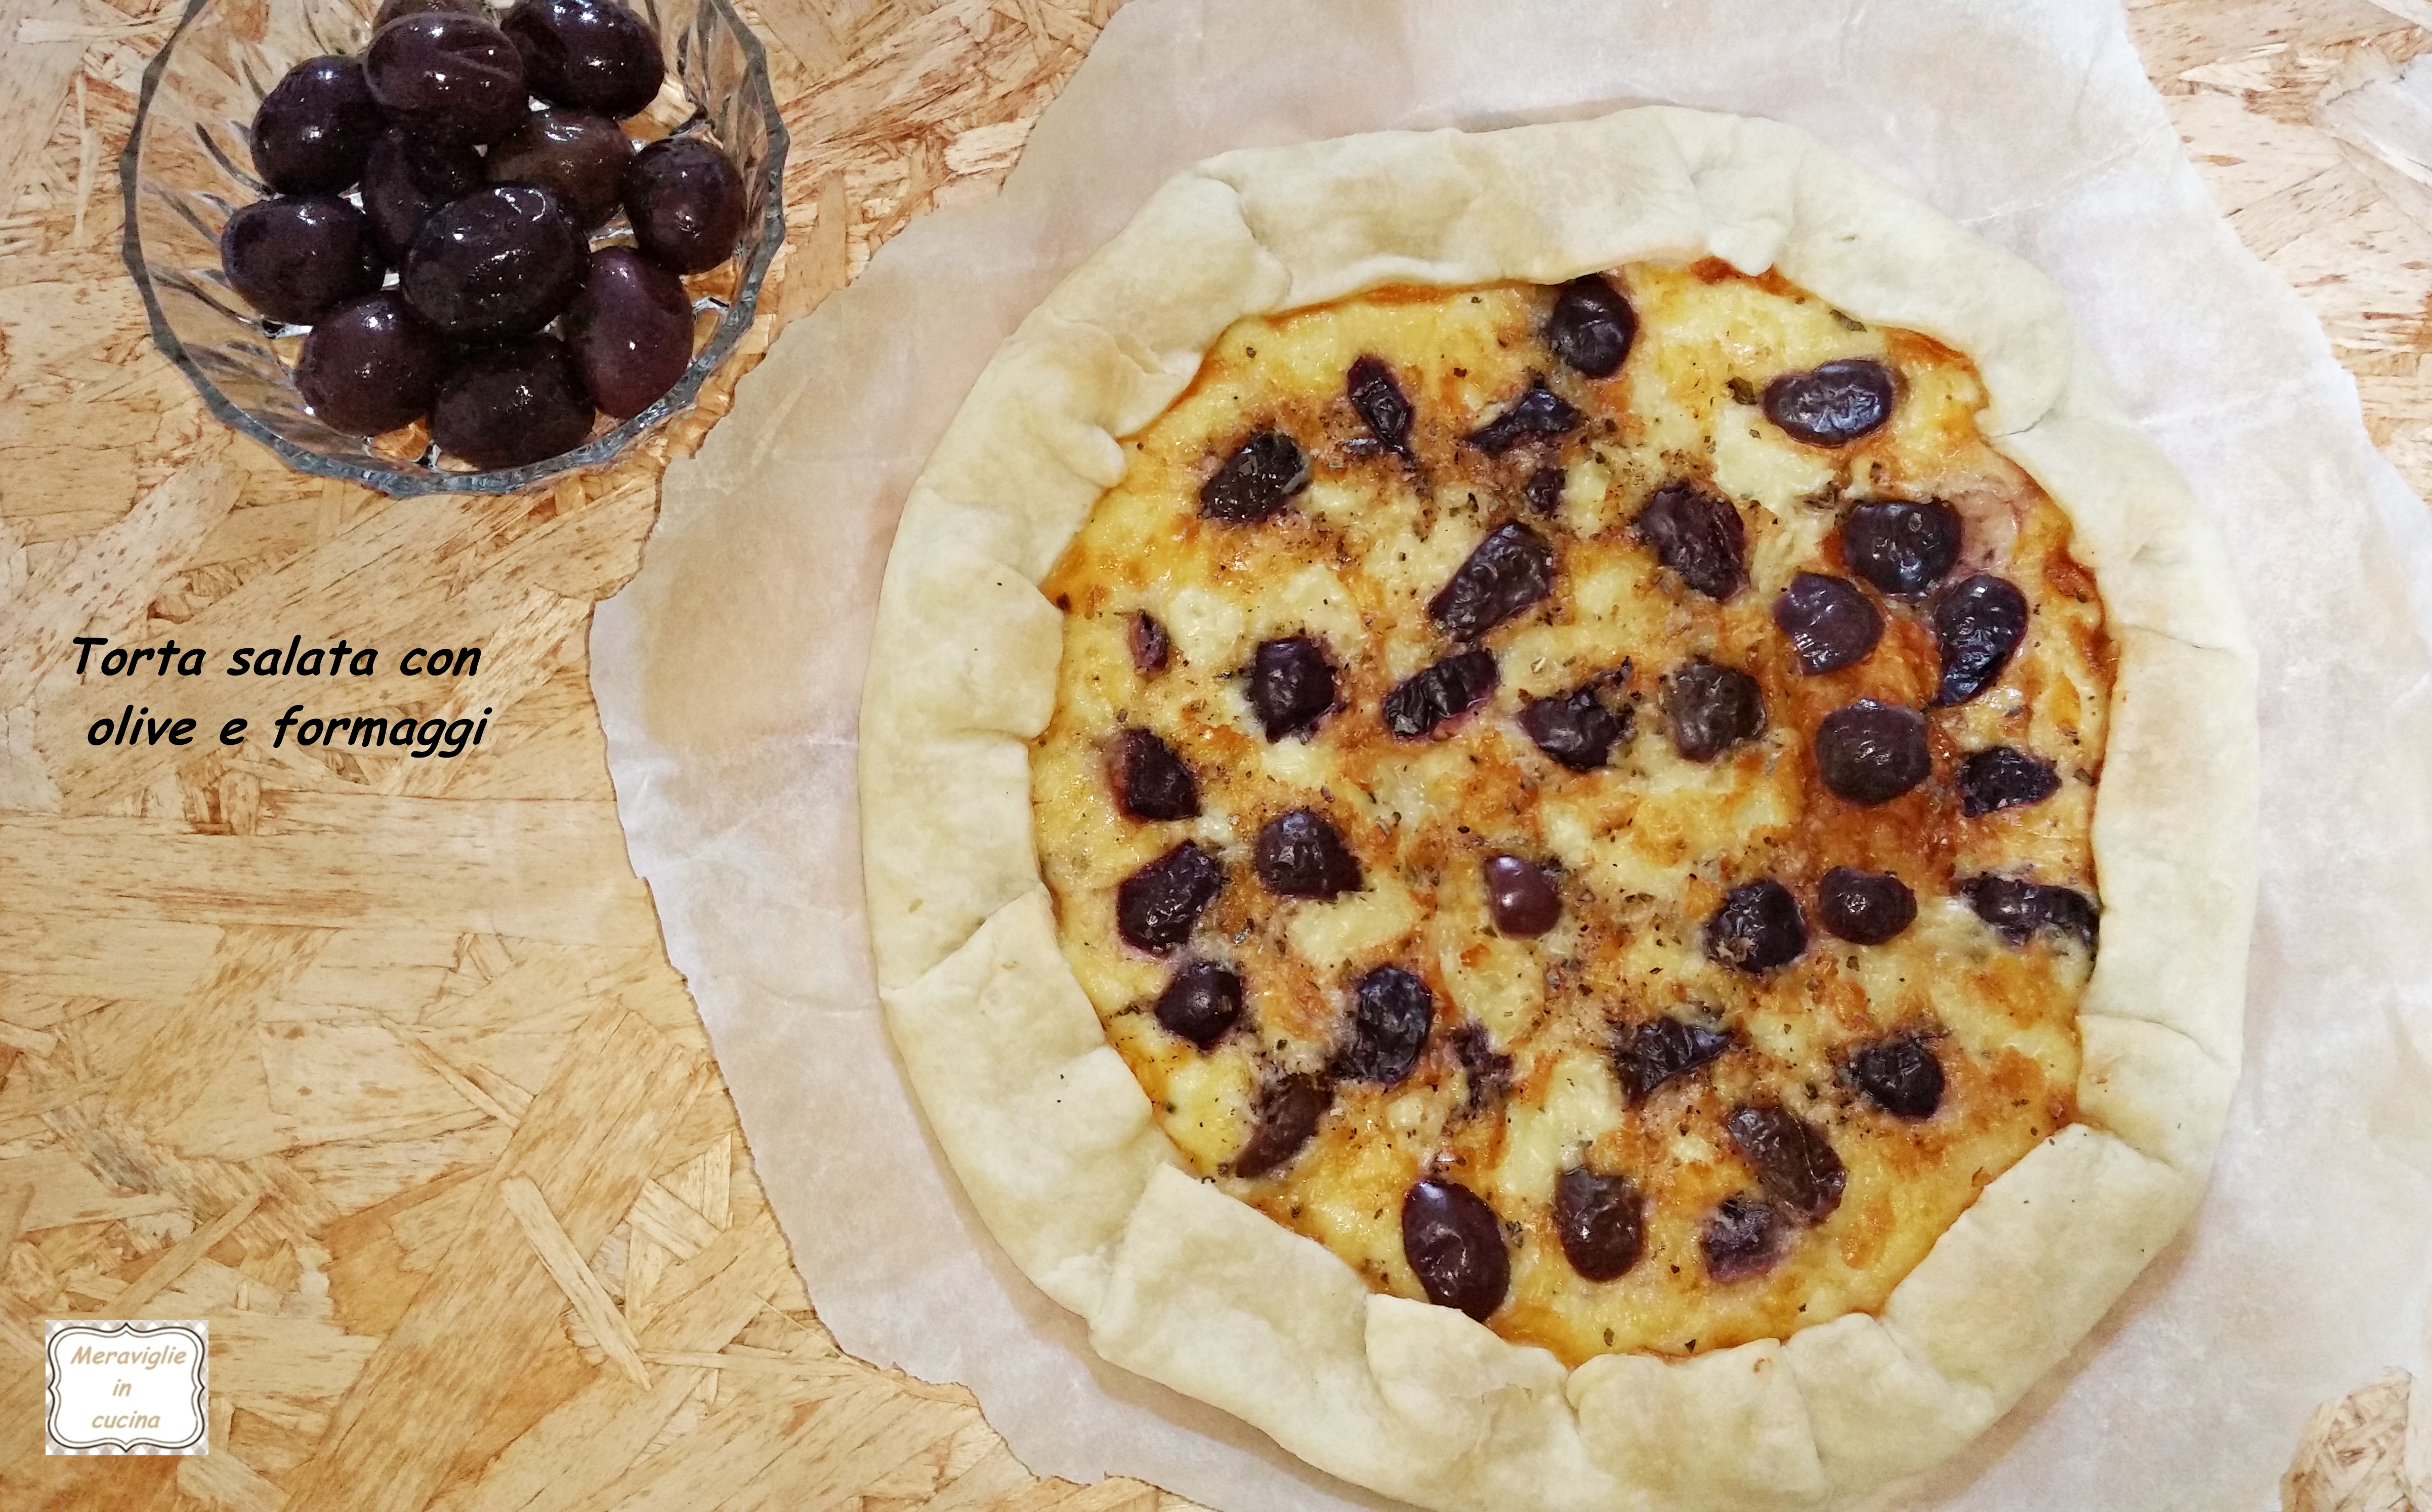 Torta salata con olive e formaggi